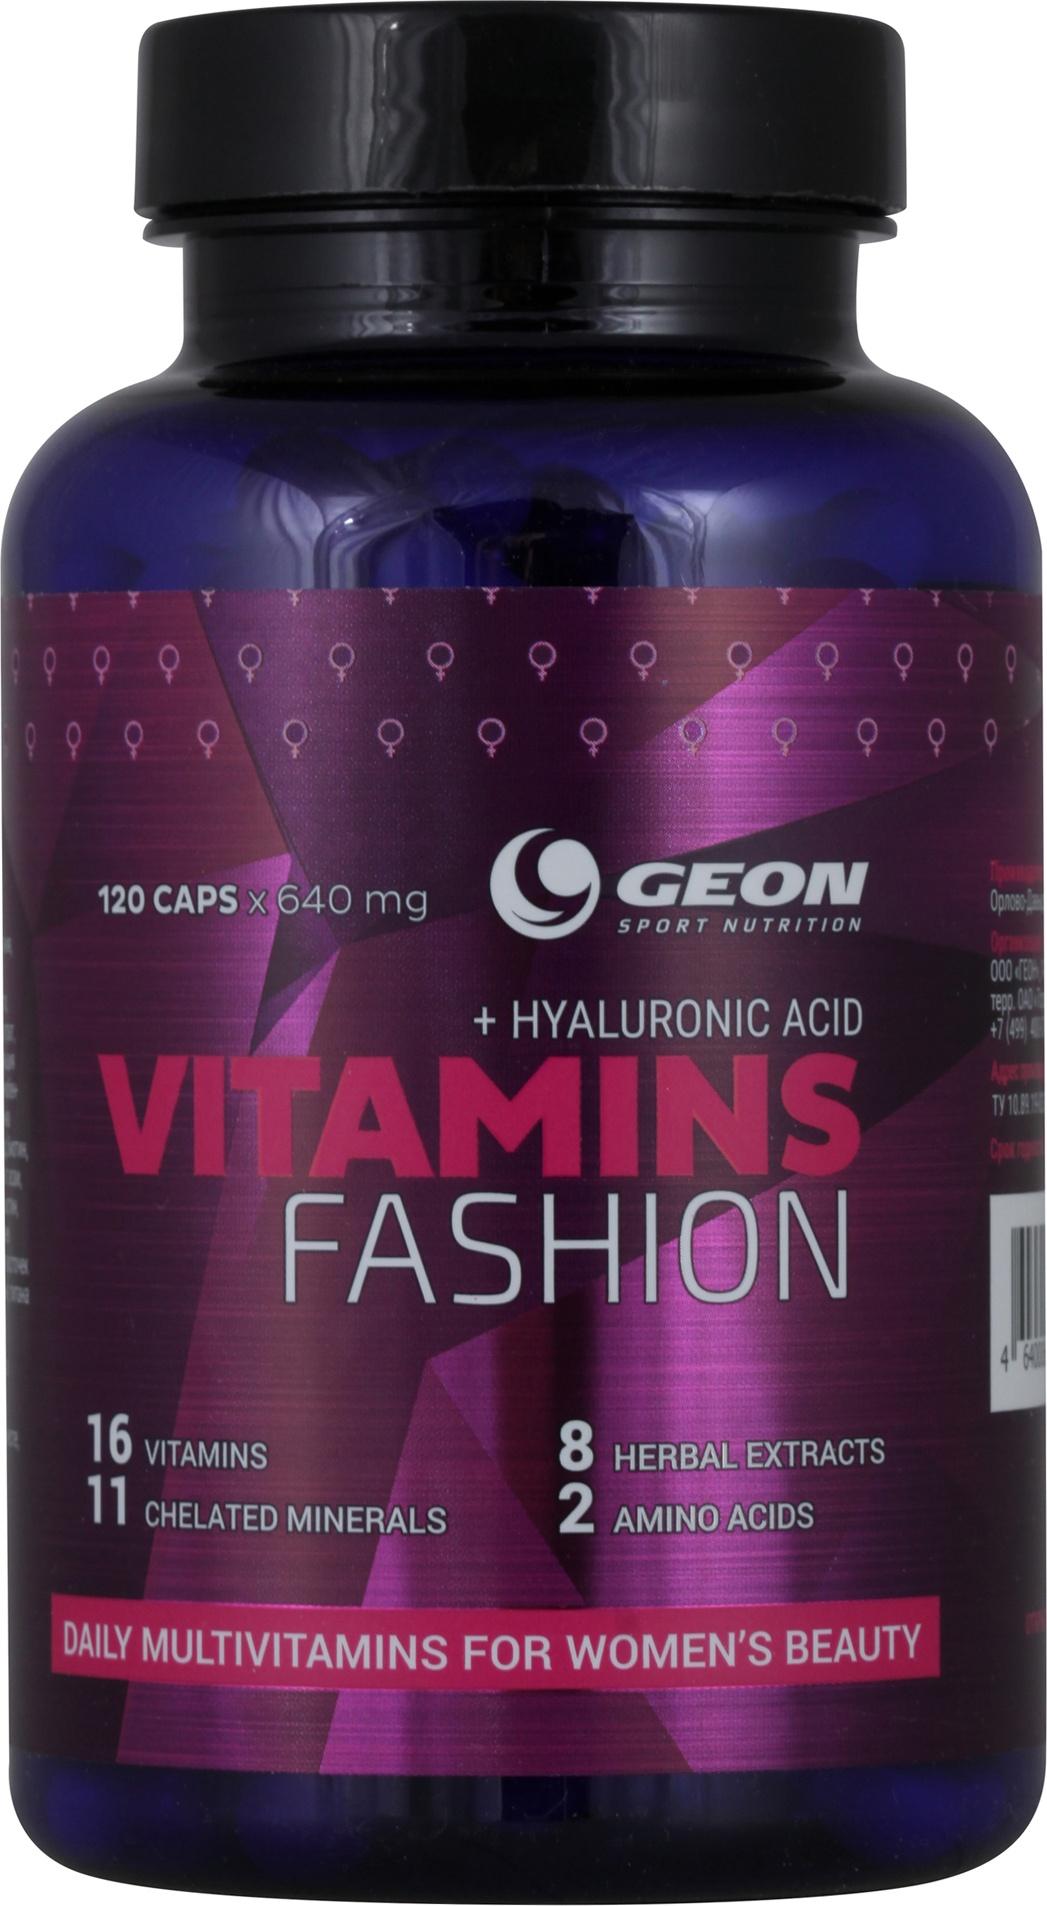 Витаминно-минеральный комплекс Geon Fashion Vitamins 120 капсул фото